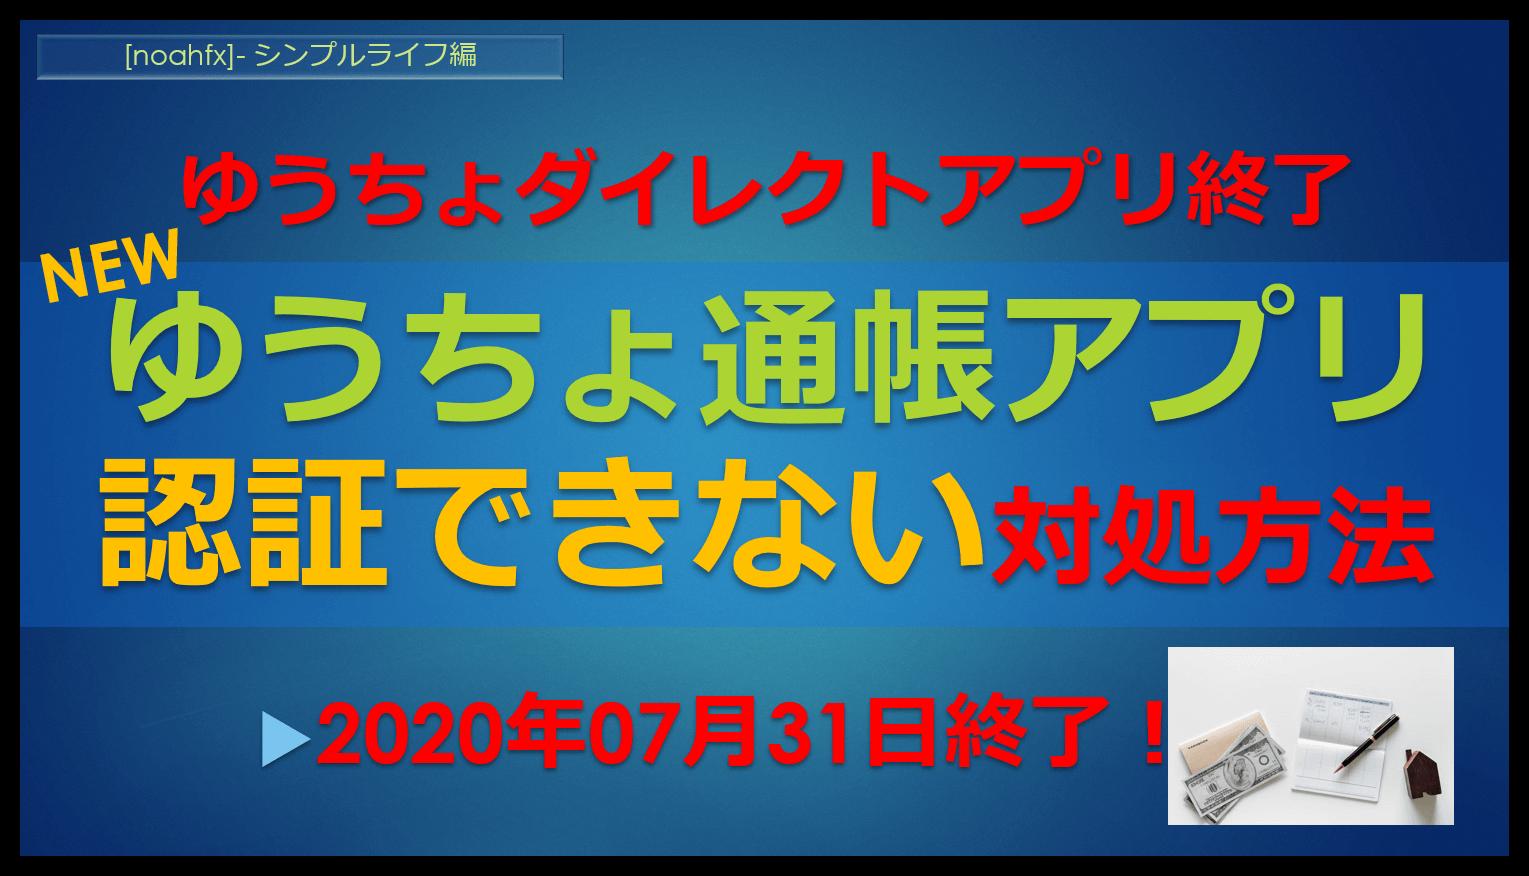 「ゆうちょ通帳」アプリ シンプルライフ,ブログ